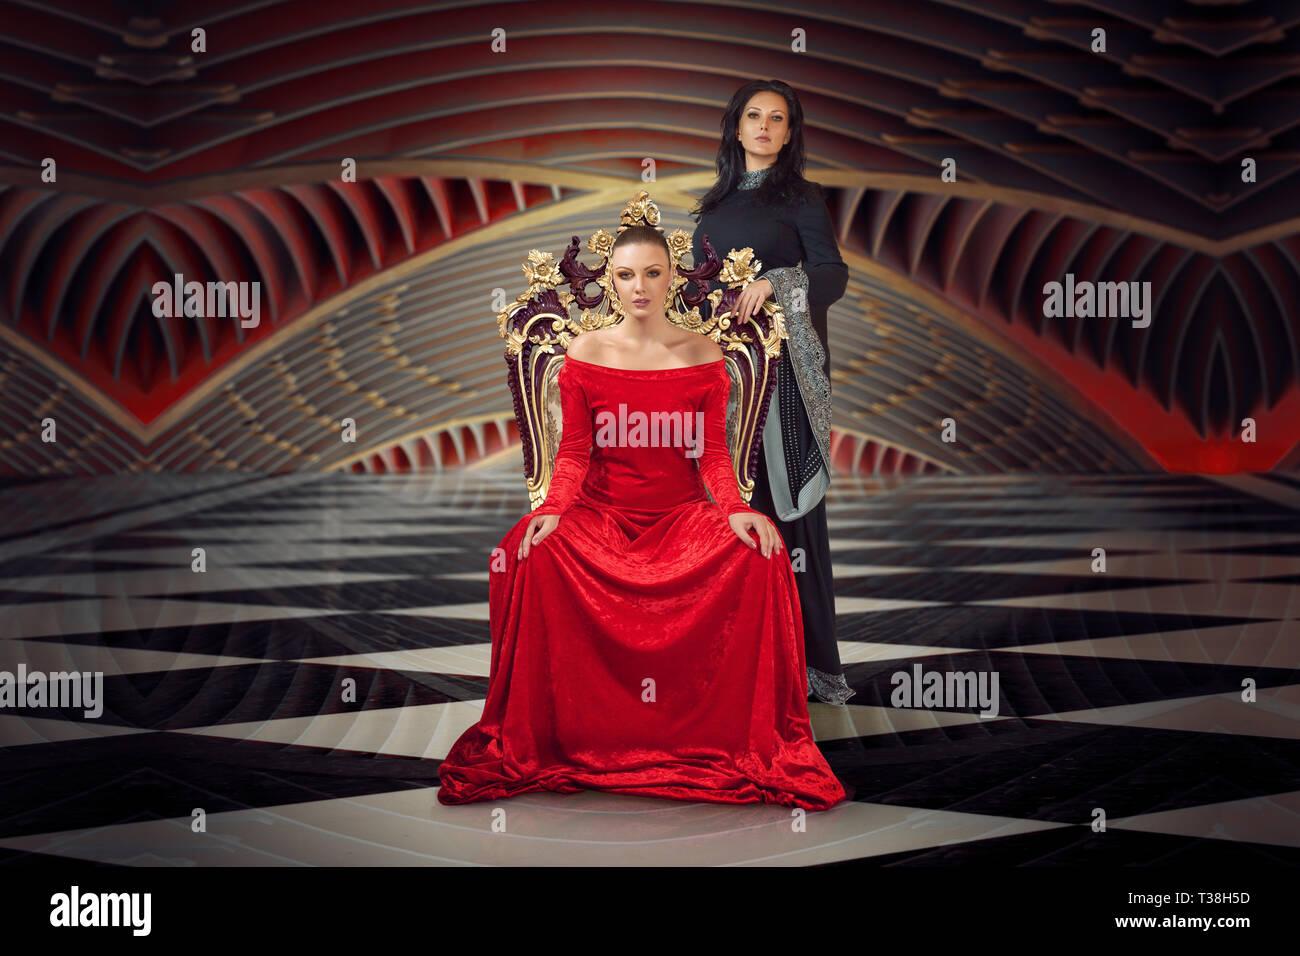 e3b844df8f0c Una donna in un sontuoso abito vestito seduto su una del trono della  Regina